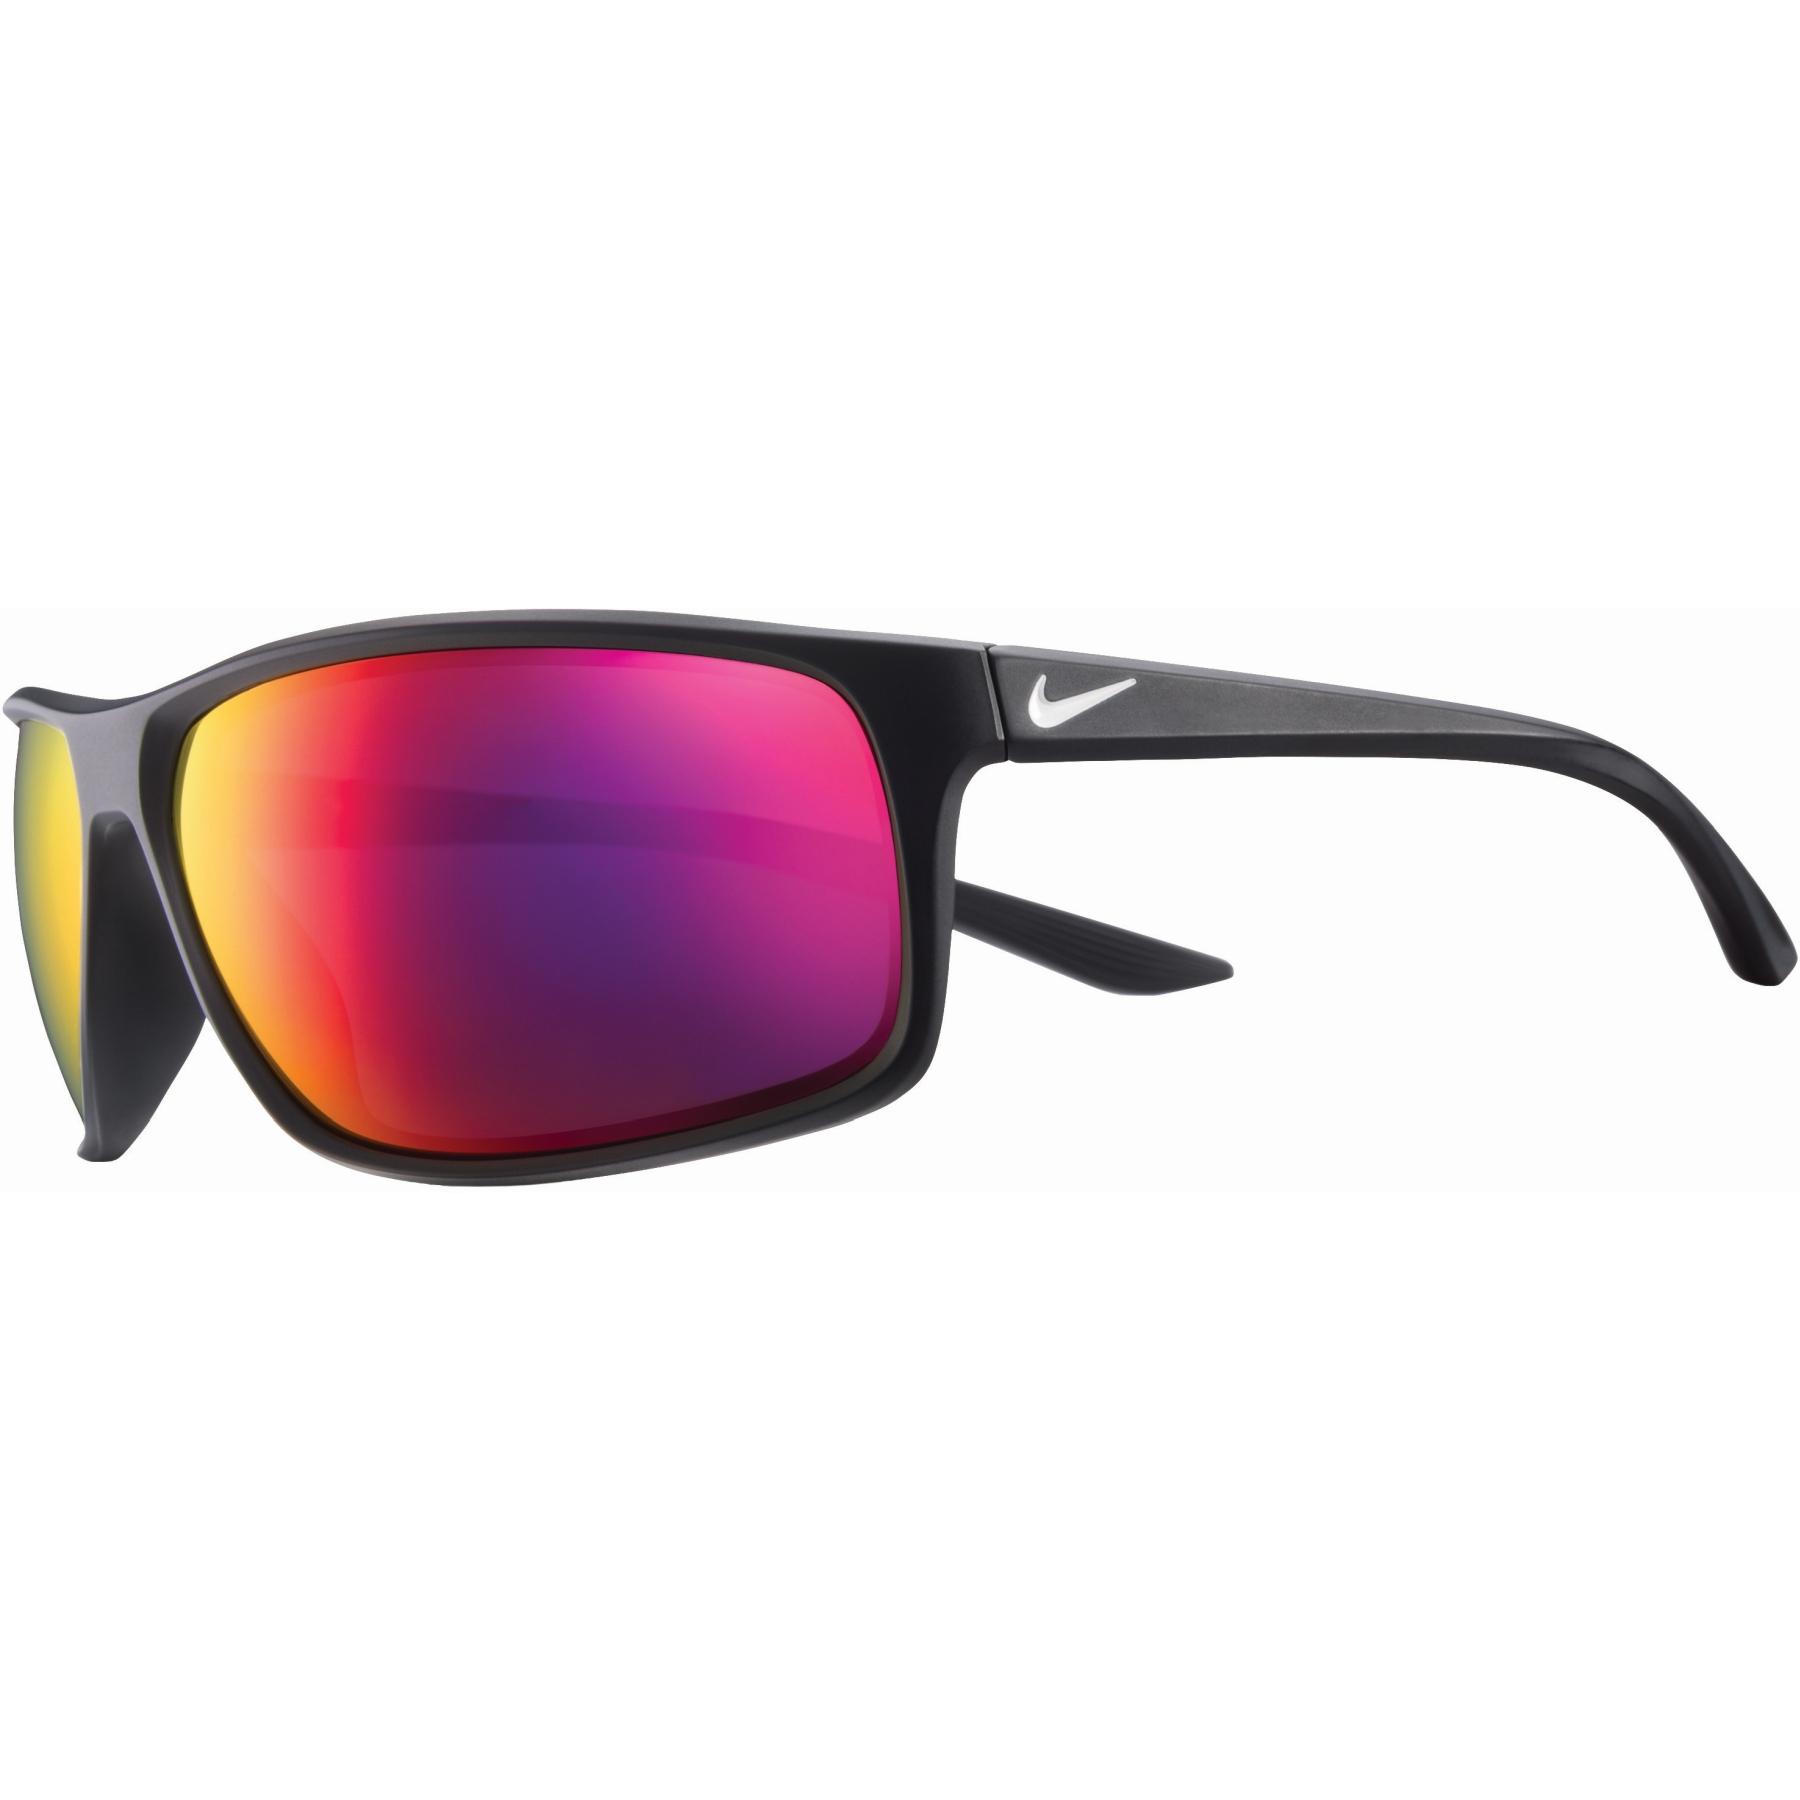 Produktbild von Nike Adrenaline Sonnenbrille - matte black/white   grey w/ infrared mirror lens 6615016